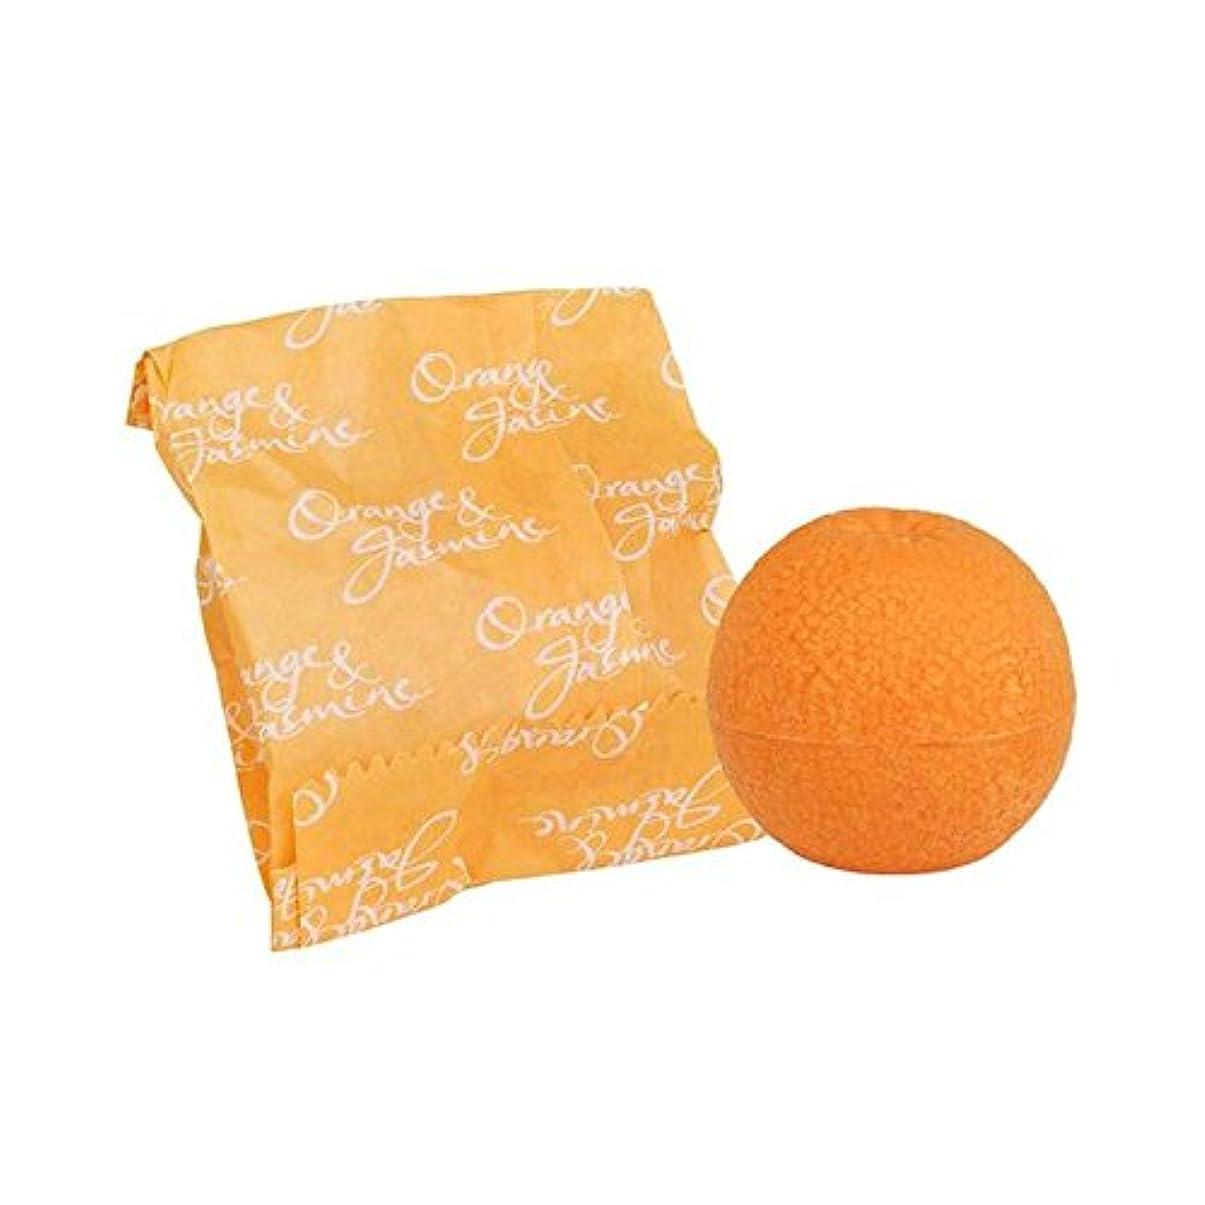 ウィスキーペレグリネーション風邪をひくBronnley Orange & Jasmine Soap 100g - オレンジ&ジャスミン石鹸100グラム [並行輸入品]